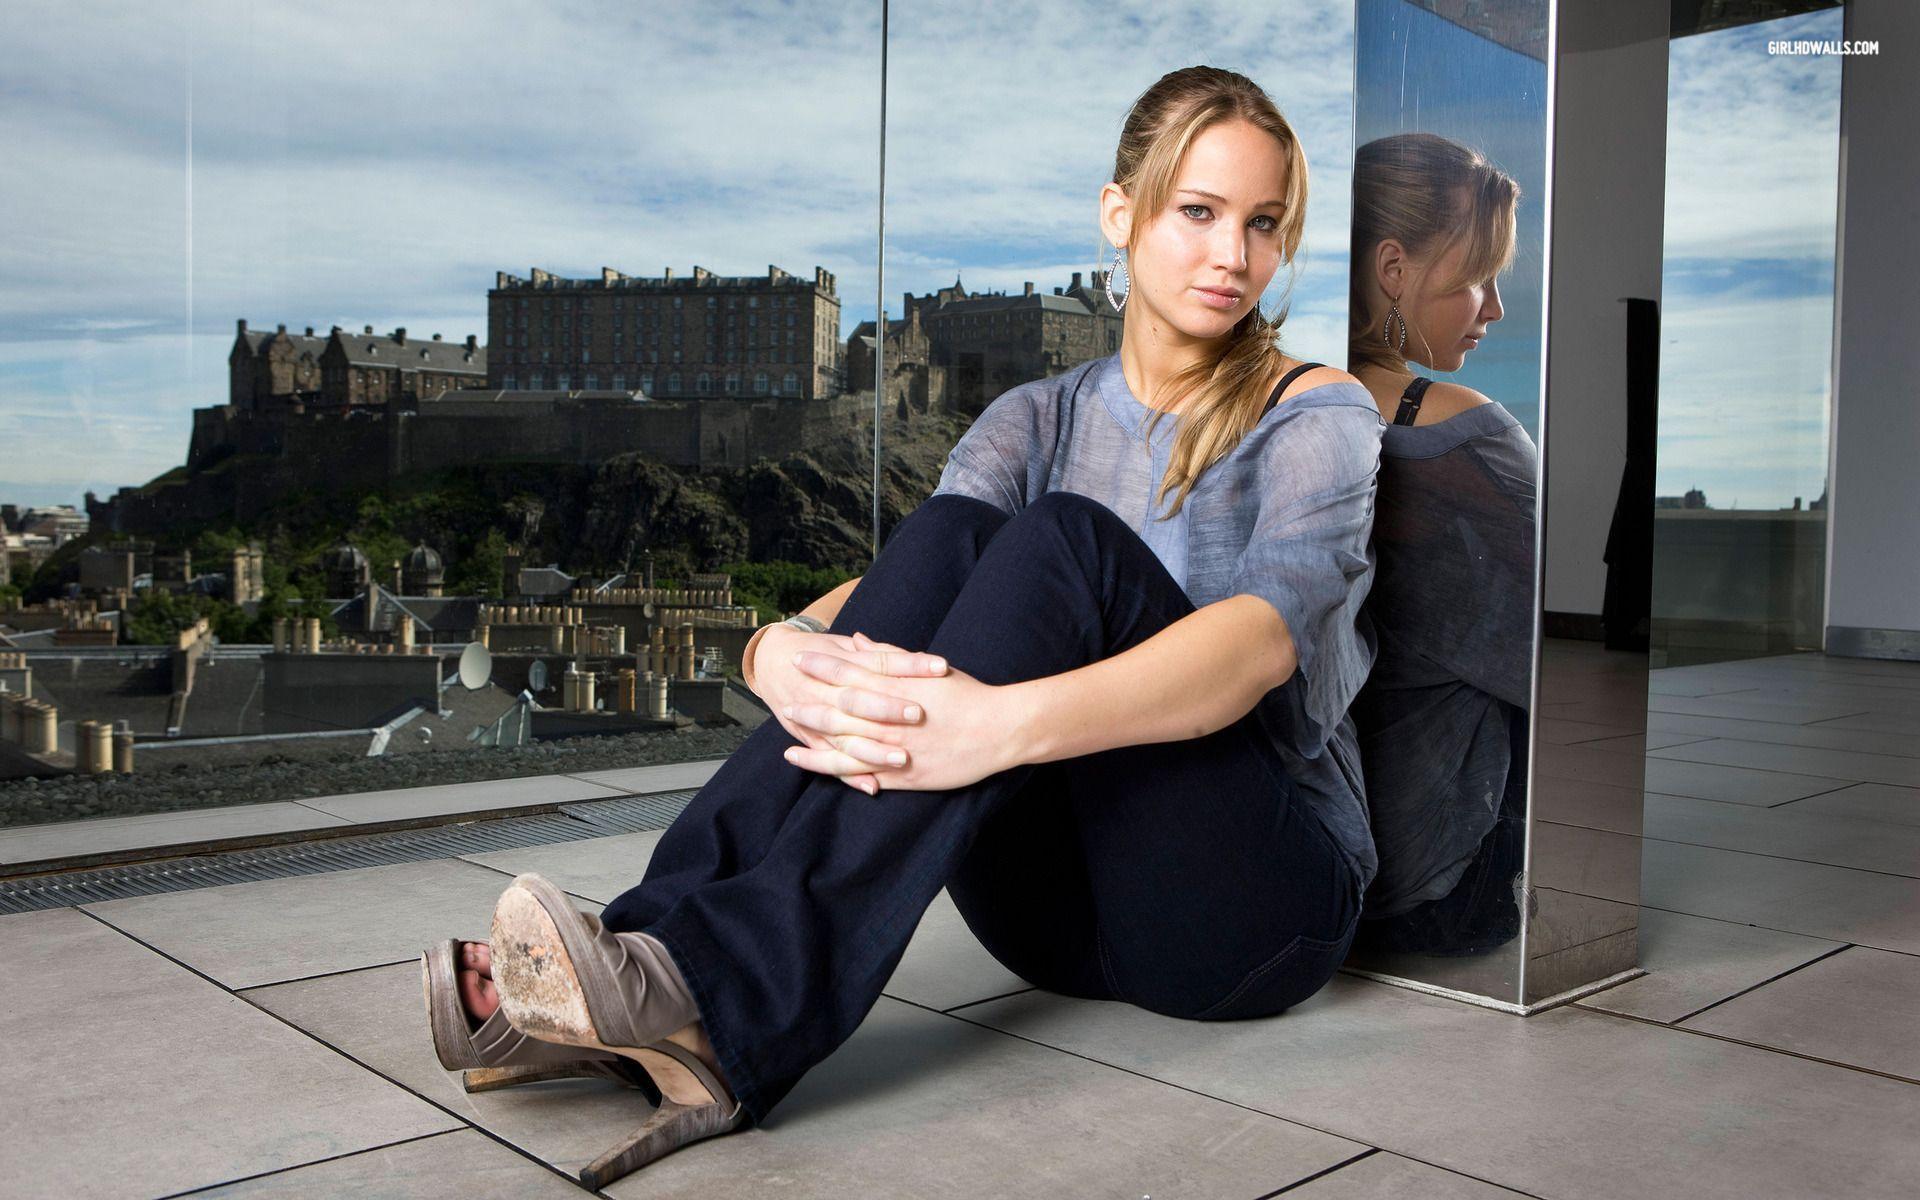 Jennifer Lawrence Smile Wallpaper For PC 9466 #12385 Wallpaper ...